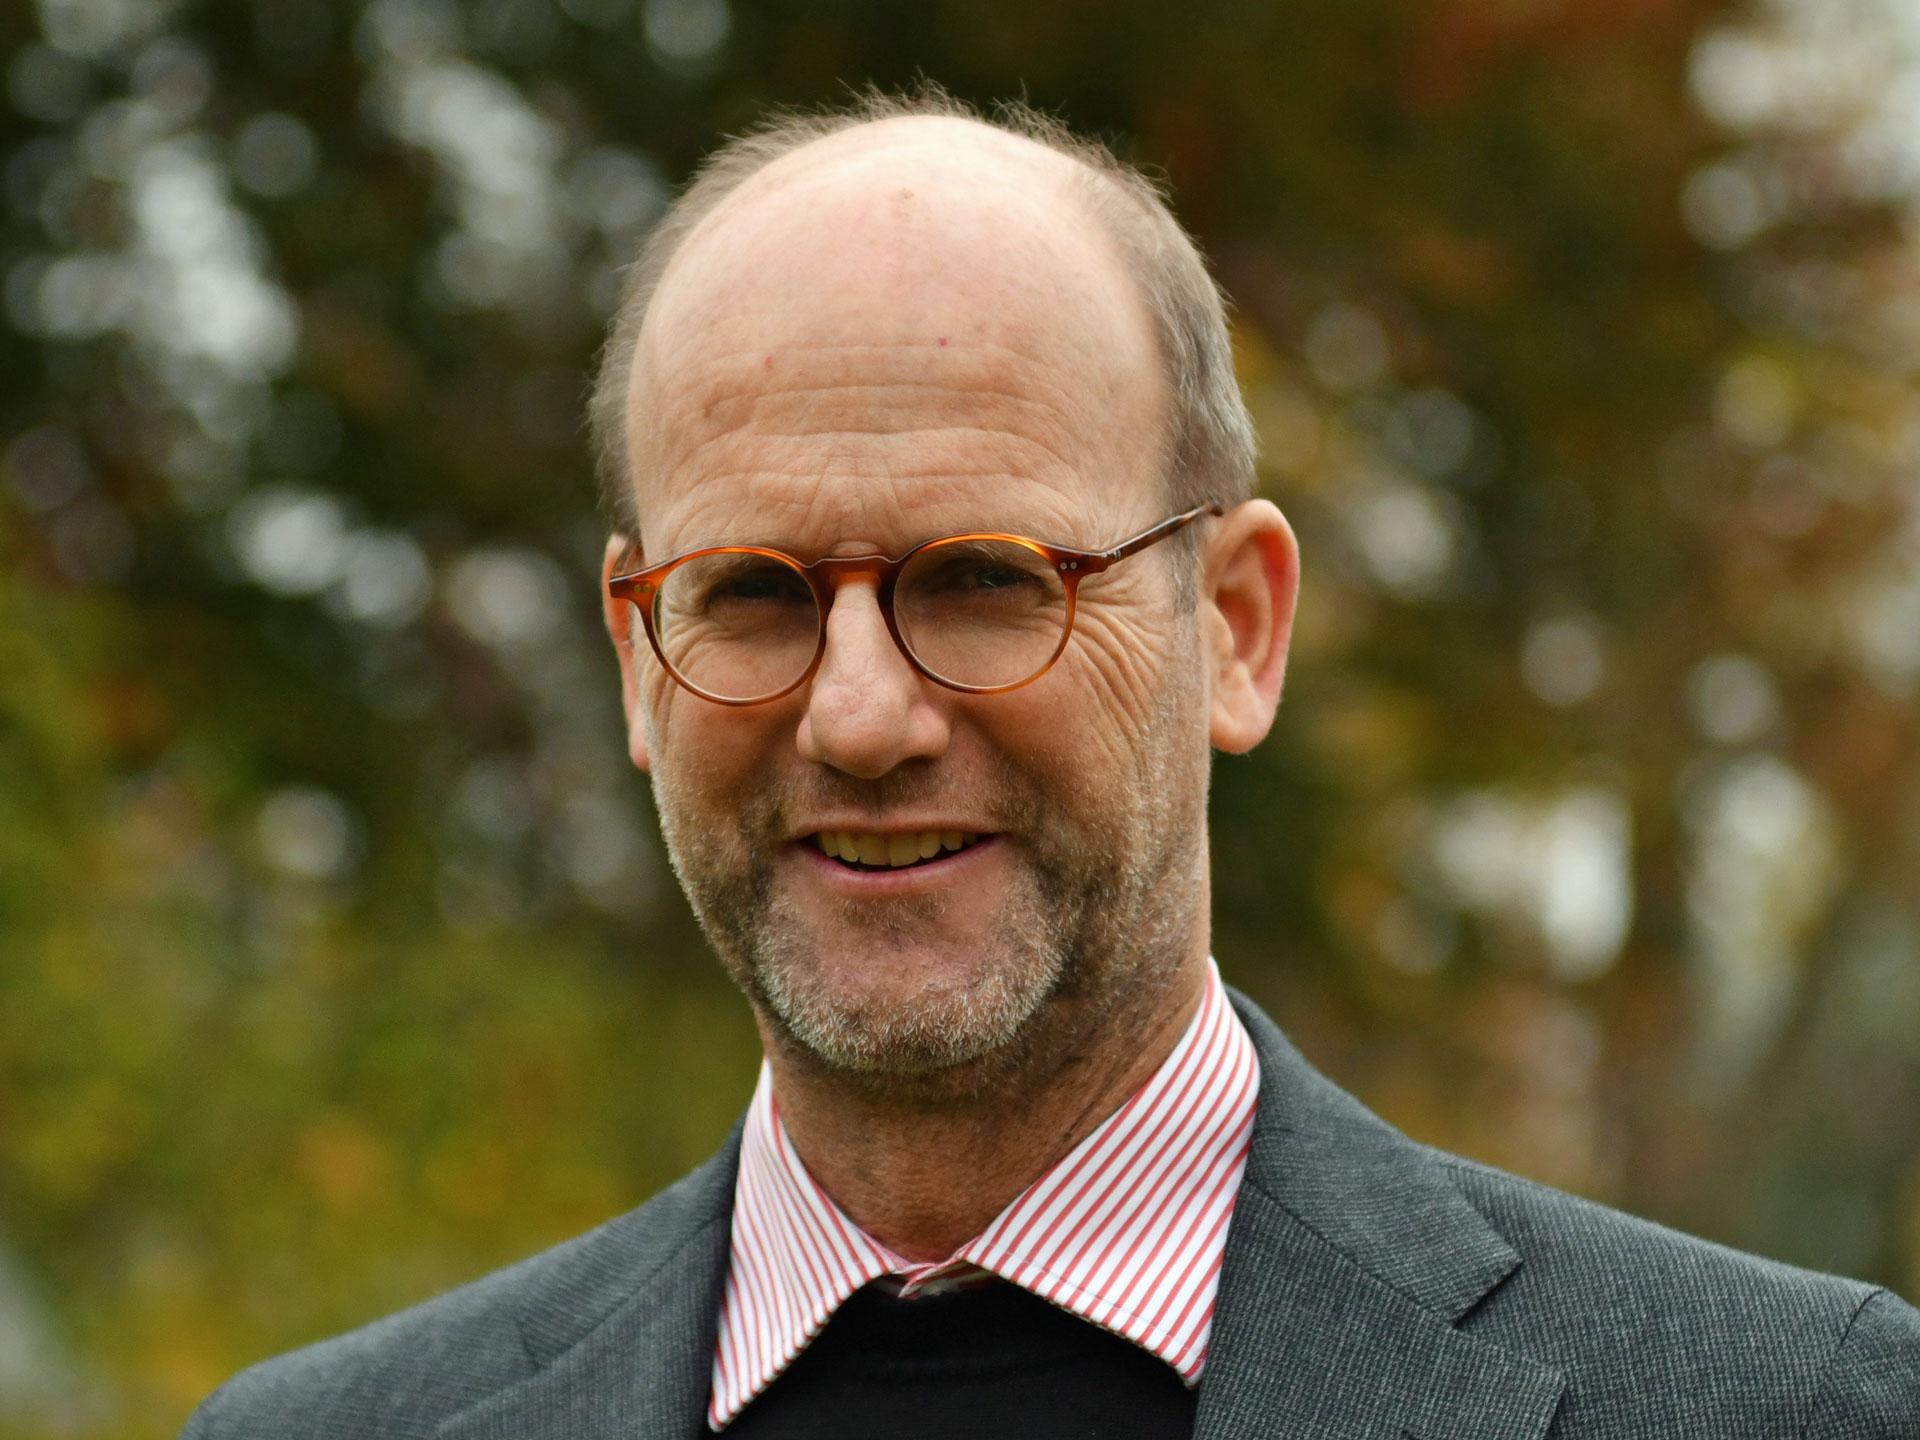 Der Bobinger Pfarrer Thomas Rauch ist auch Dekan von Schwabmünchen (Foto: Julian Schmidt / pba)